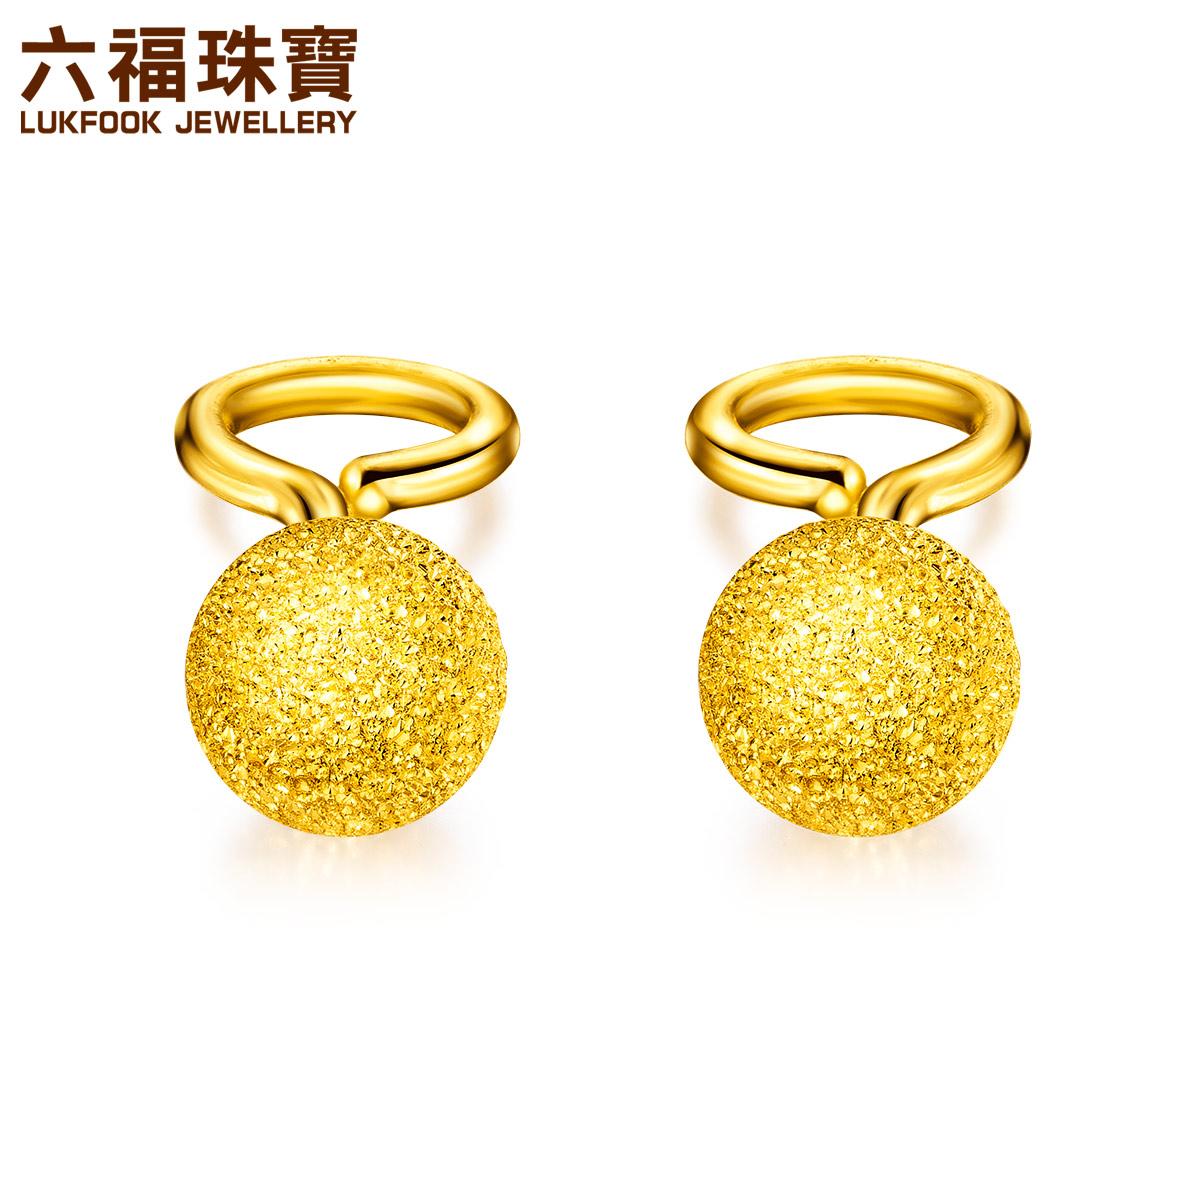 六福珠宝黄金耳钉足金磨砂圆球珠耳钉女款金耳环计价 B01TBGE0002